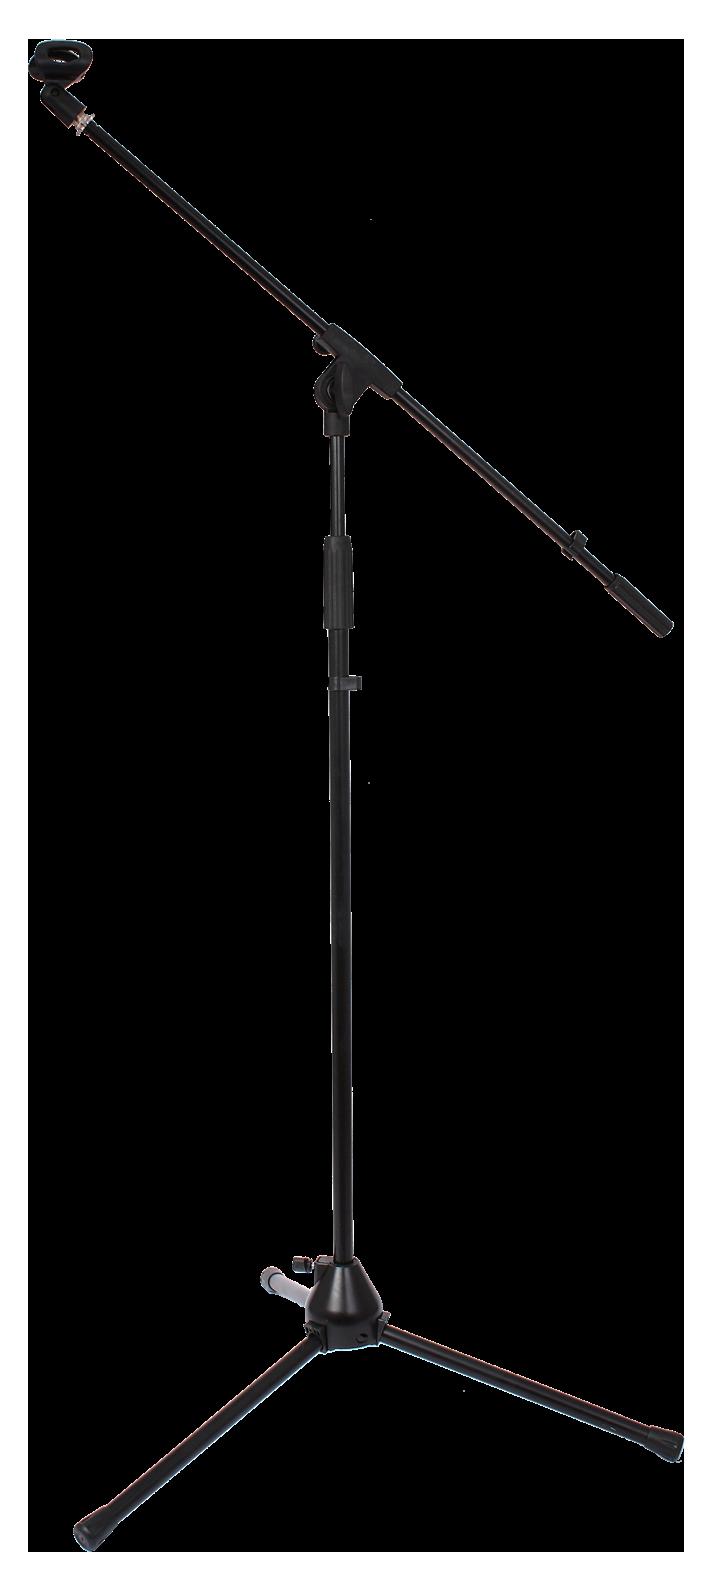 Billede af Ibiza mikrofonstativ med mikrofonholder